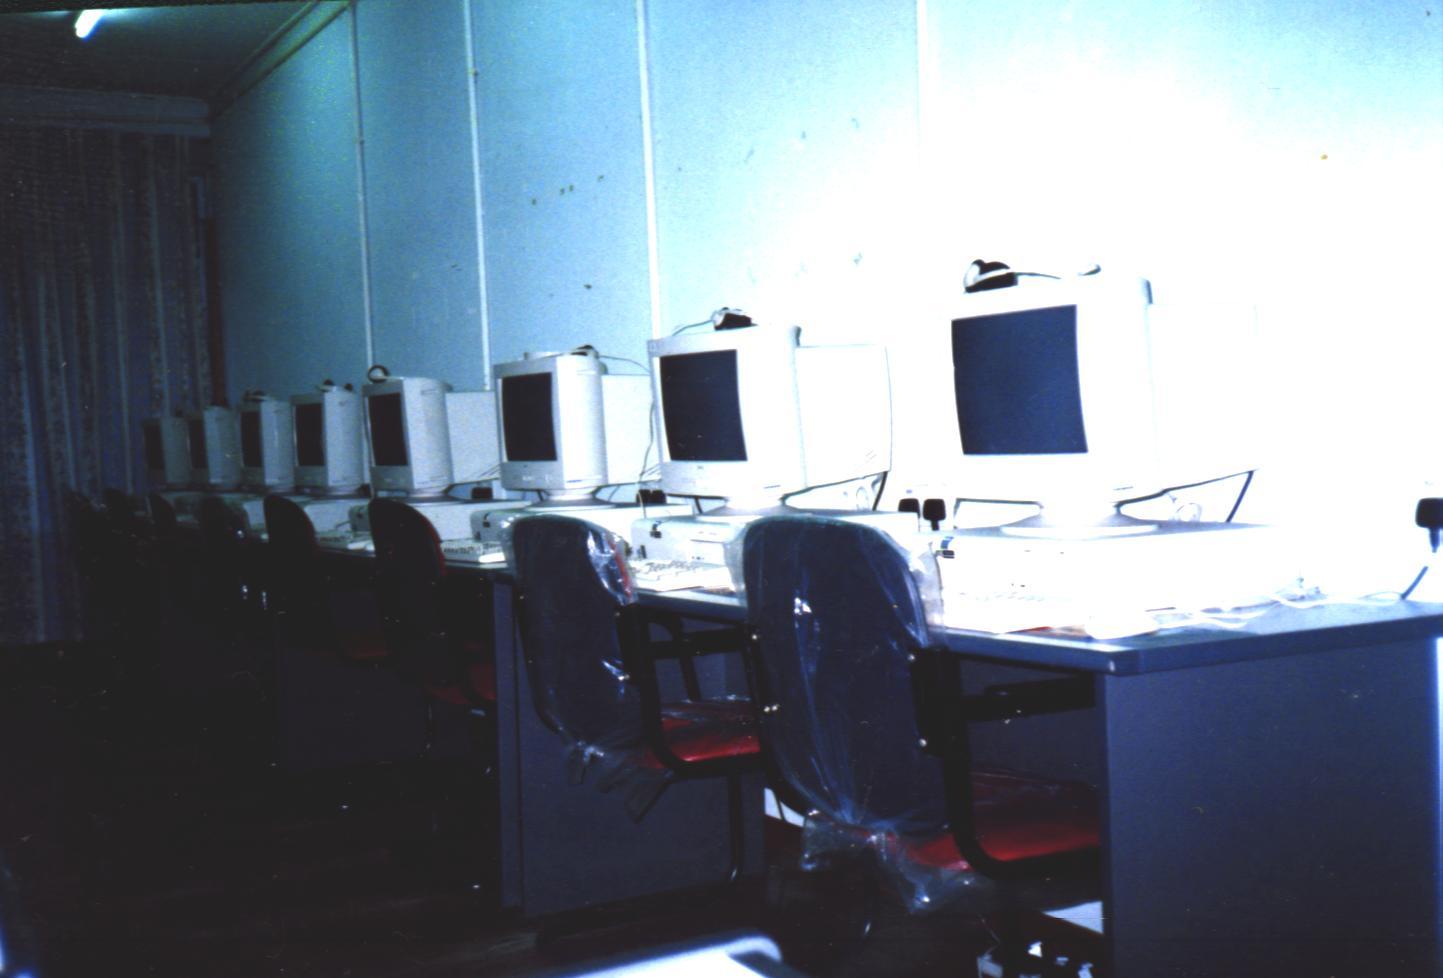 pejabat.jpg